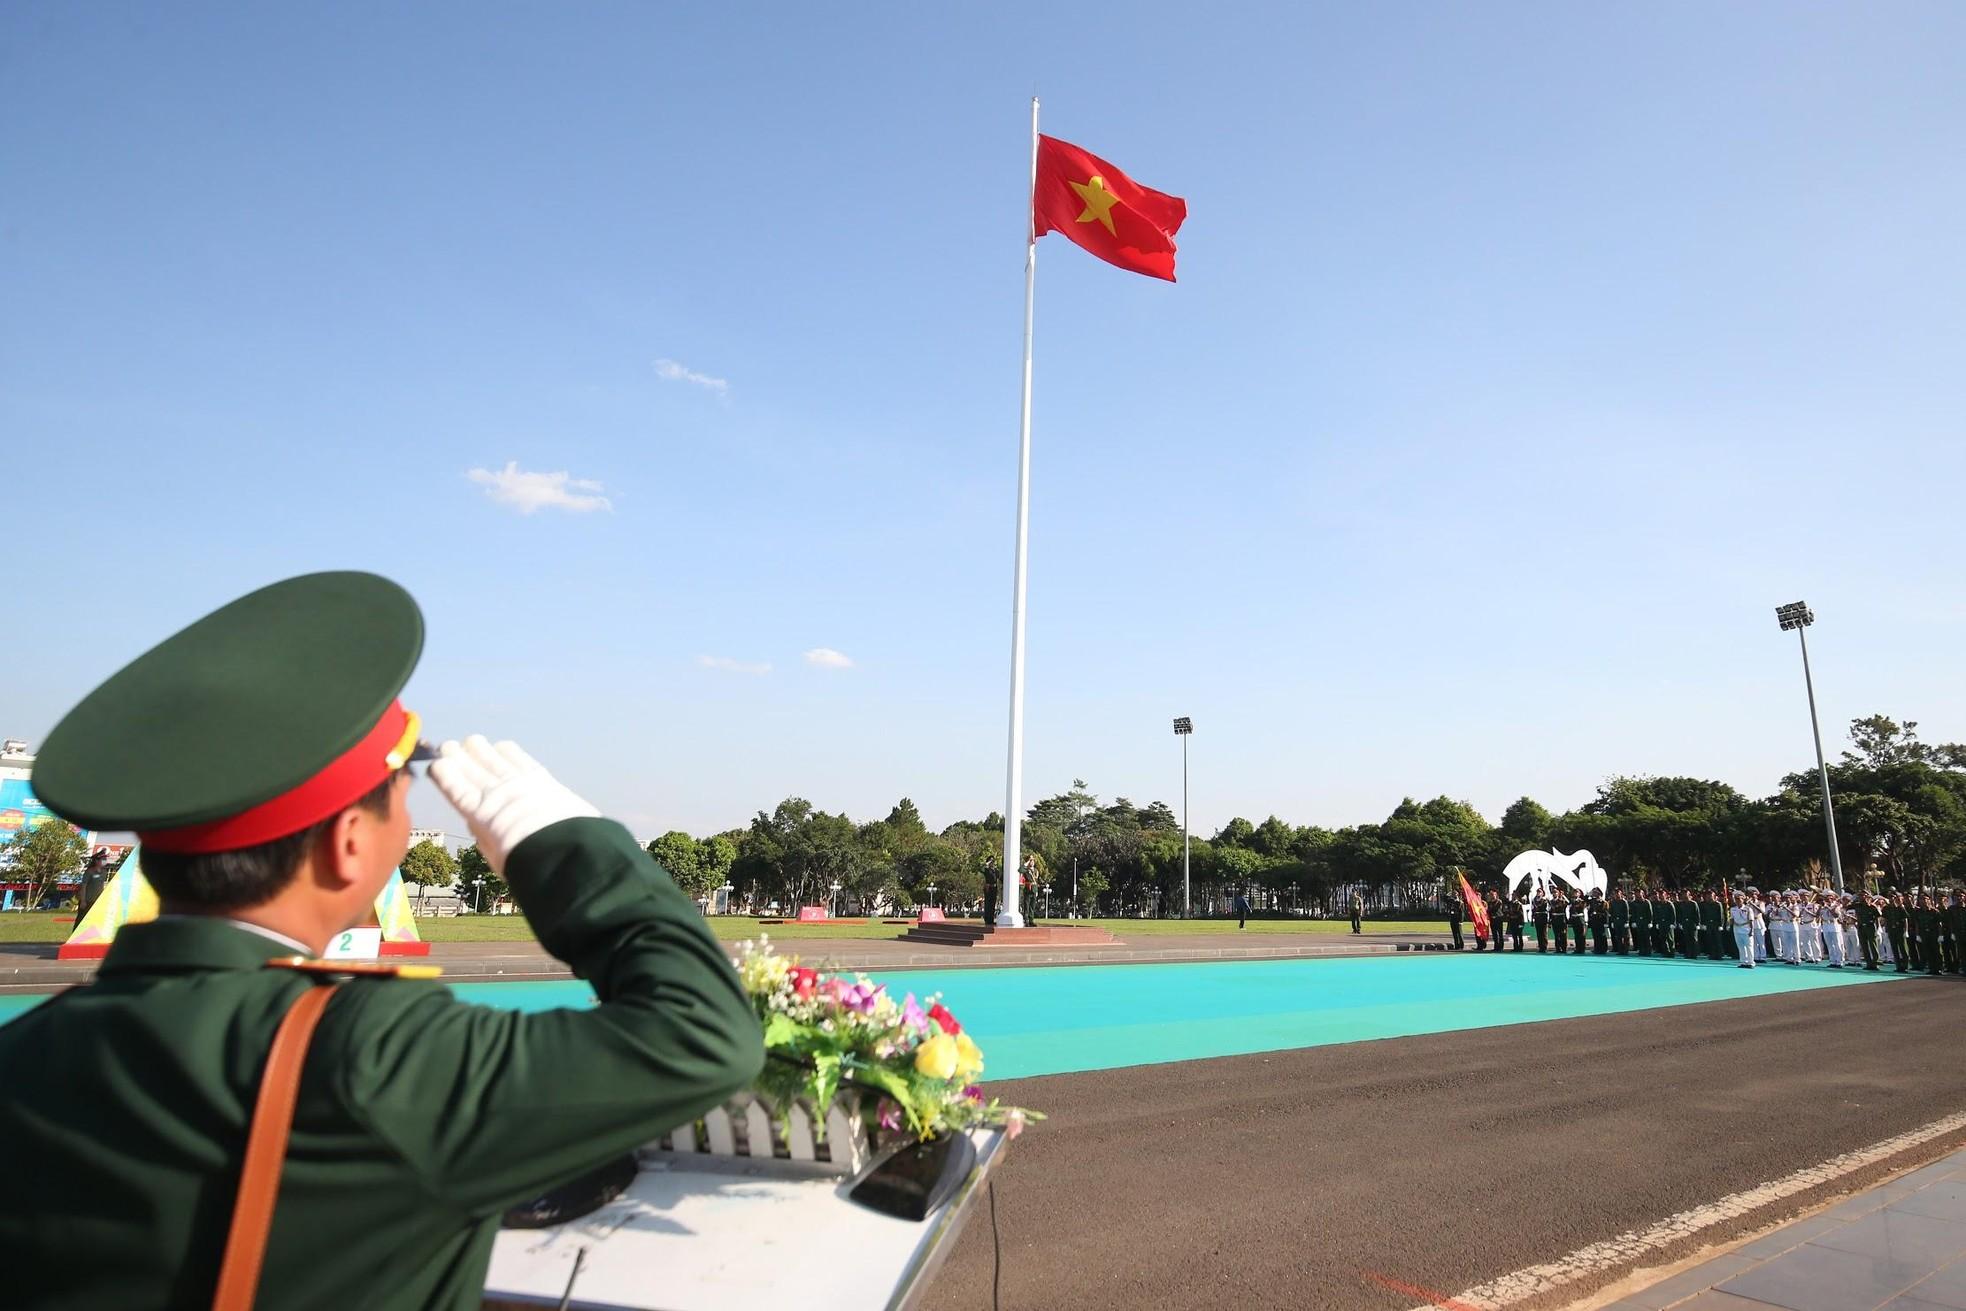 Đón xem lễ Thượng cờ trang nghiêm tại Quảng trường Đại Đoàn Kết ảnh 4